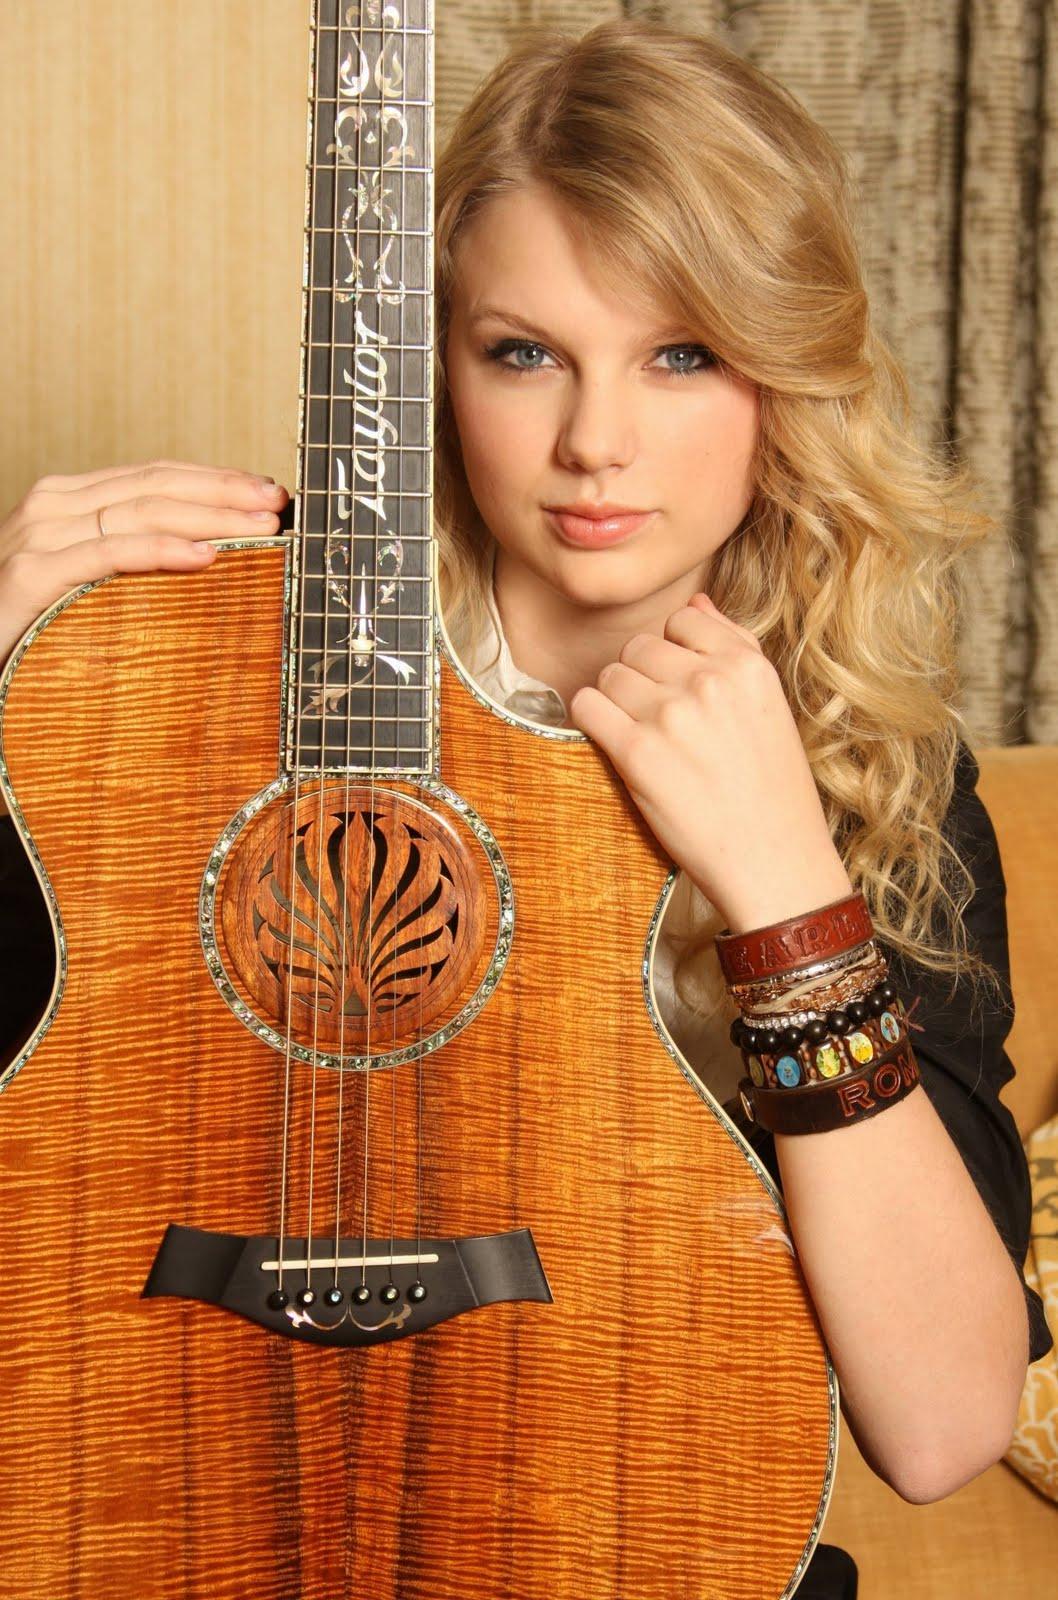 http://4.bp.blogspot.com/_-1GM7VDiWKE/TBBHAXDUx2I/AAAAAAAACvM/Tf-RsXWAdSs/s1600/Taylor%2BSwift%2BWith%2BGuitar.jpg